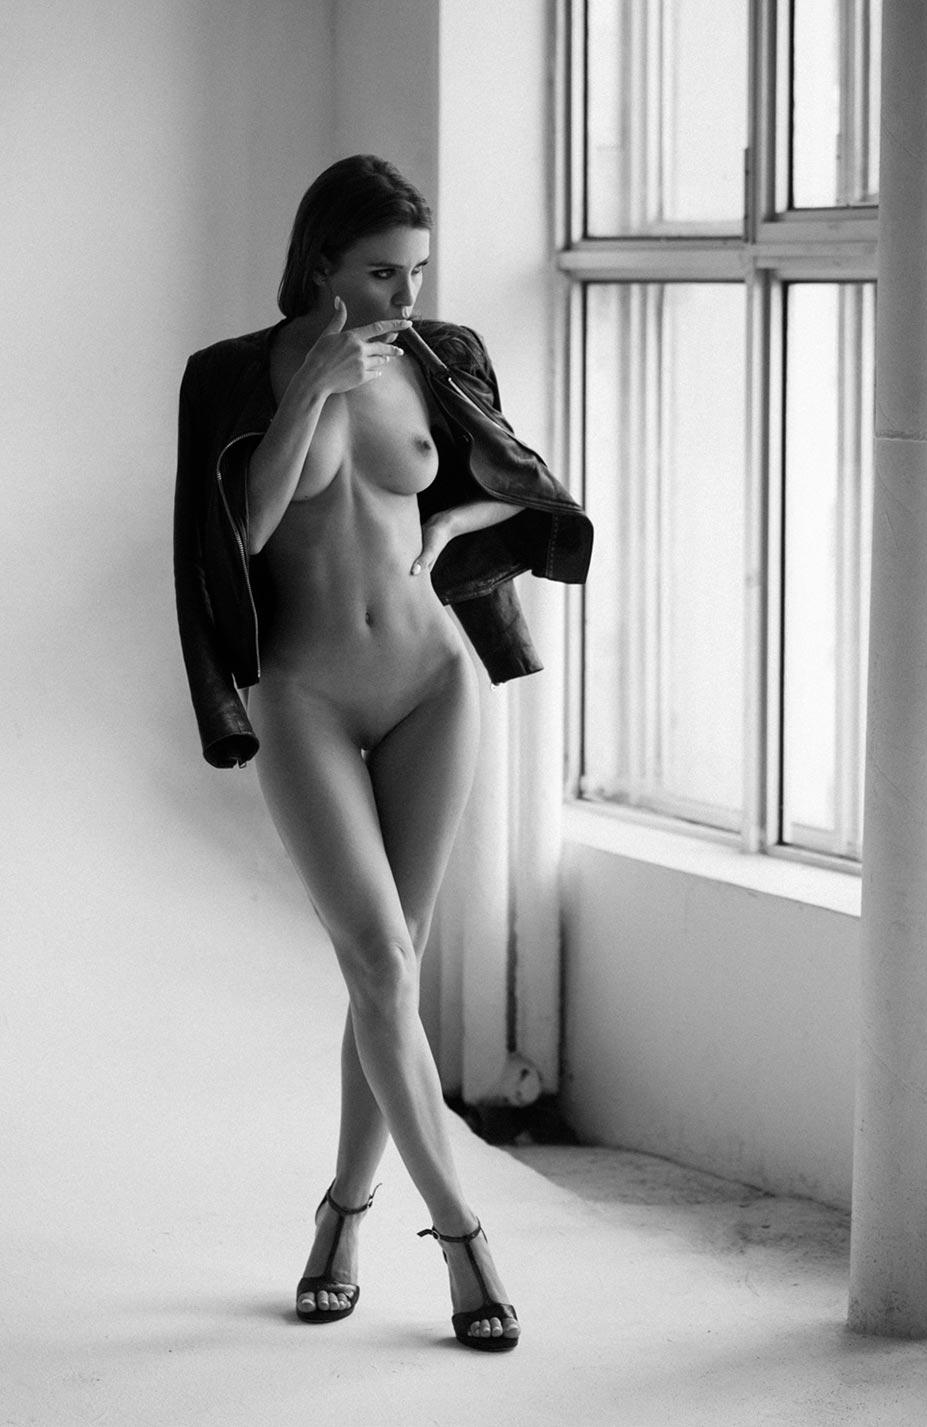 Кристина Макарова экспериментирует со стремянкой / фото 05